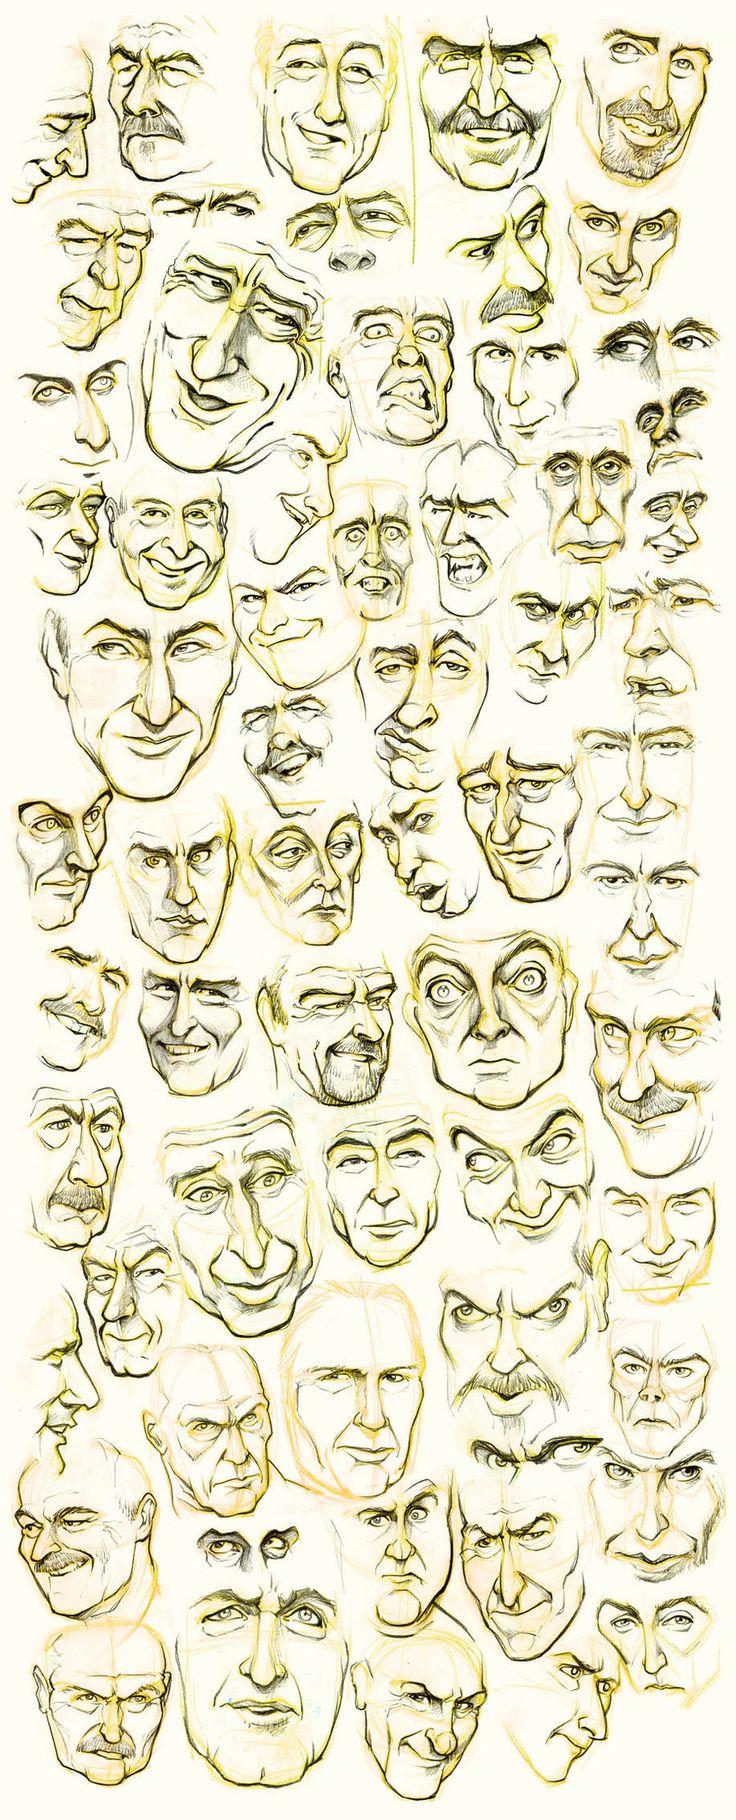 Mens Faces by ~JoniGodoy on deviantART.